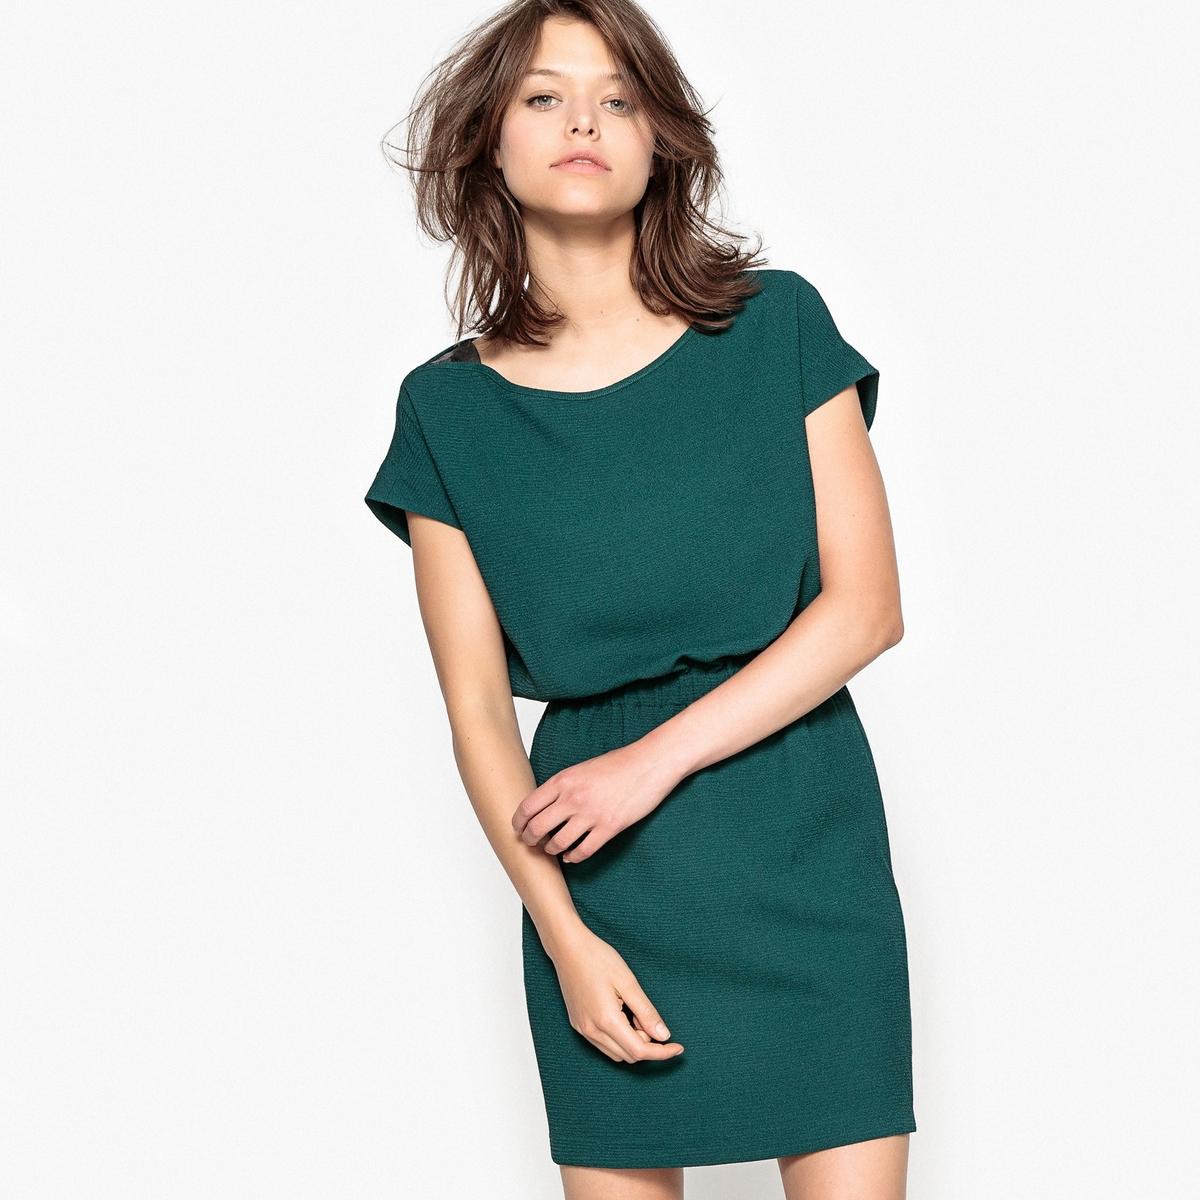 Платье однотонное с эластичным поясомДетали •  Форма : прямая  •  Длина до колен •  Короткие рукава    •  Круглый вырезСостав и уход •  100% полиэстер  •  Температура стирки 30° на деликатном режиме   •  Сухая чистка и отбеливание запрещены    •  Не использовать барабанную сушку   •  Низкая температура глажки<br><br>Цвет: сине-зеленый,темно-зеленый,черный<br>Размер: 46 (FR) - 52 (RUS).40 (FR) - 46 (RUS).38 (FR) - 44 (RUS).38 (FR) - 44 (RUS).52 (FR) - 58 (RUS).50 (FR) - 56 (RUS).36 (FR) - 42 (RUS).36 (FR) - 42 (RUS).42 (FR) - 48 (RUS).34 (FR) - 40 (RUS).44 (FR) - 50 (RUS).52 (FR) - 58 (RUS).48 (FR) - 54 (RUS).44 (FR) - 50 (RUS).50 (FR) - 56 (RUS).50 (FR) - 56 (RUS).42 (FR) - 48 (RUS).52 (FR) - 58 (RUS).48 (FR) - 54 (RUS).44 (FR) - 50 (RUS).40 (FR) - 46 (RUS).46 (FR) - 52 (RUS).42 (FR) - 48 (RUS).34 (FR) - 40 (RUS).40 (FR) - 46 (RUS).46 (FR) - 52 (RUS)